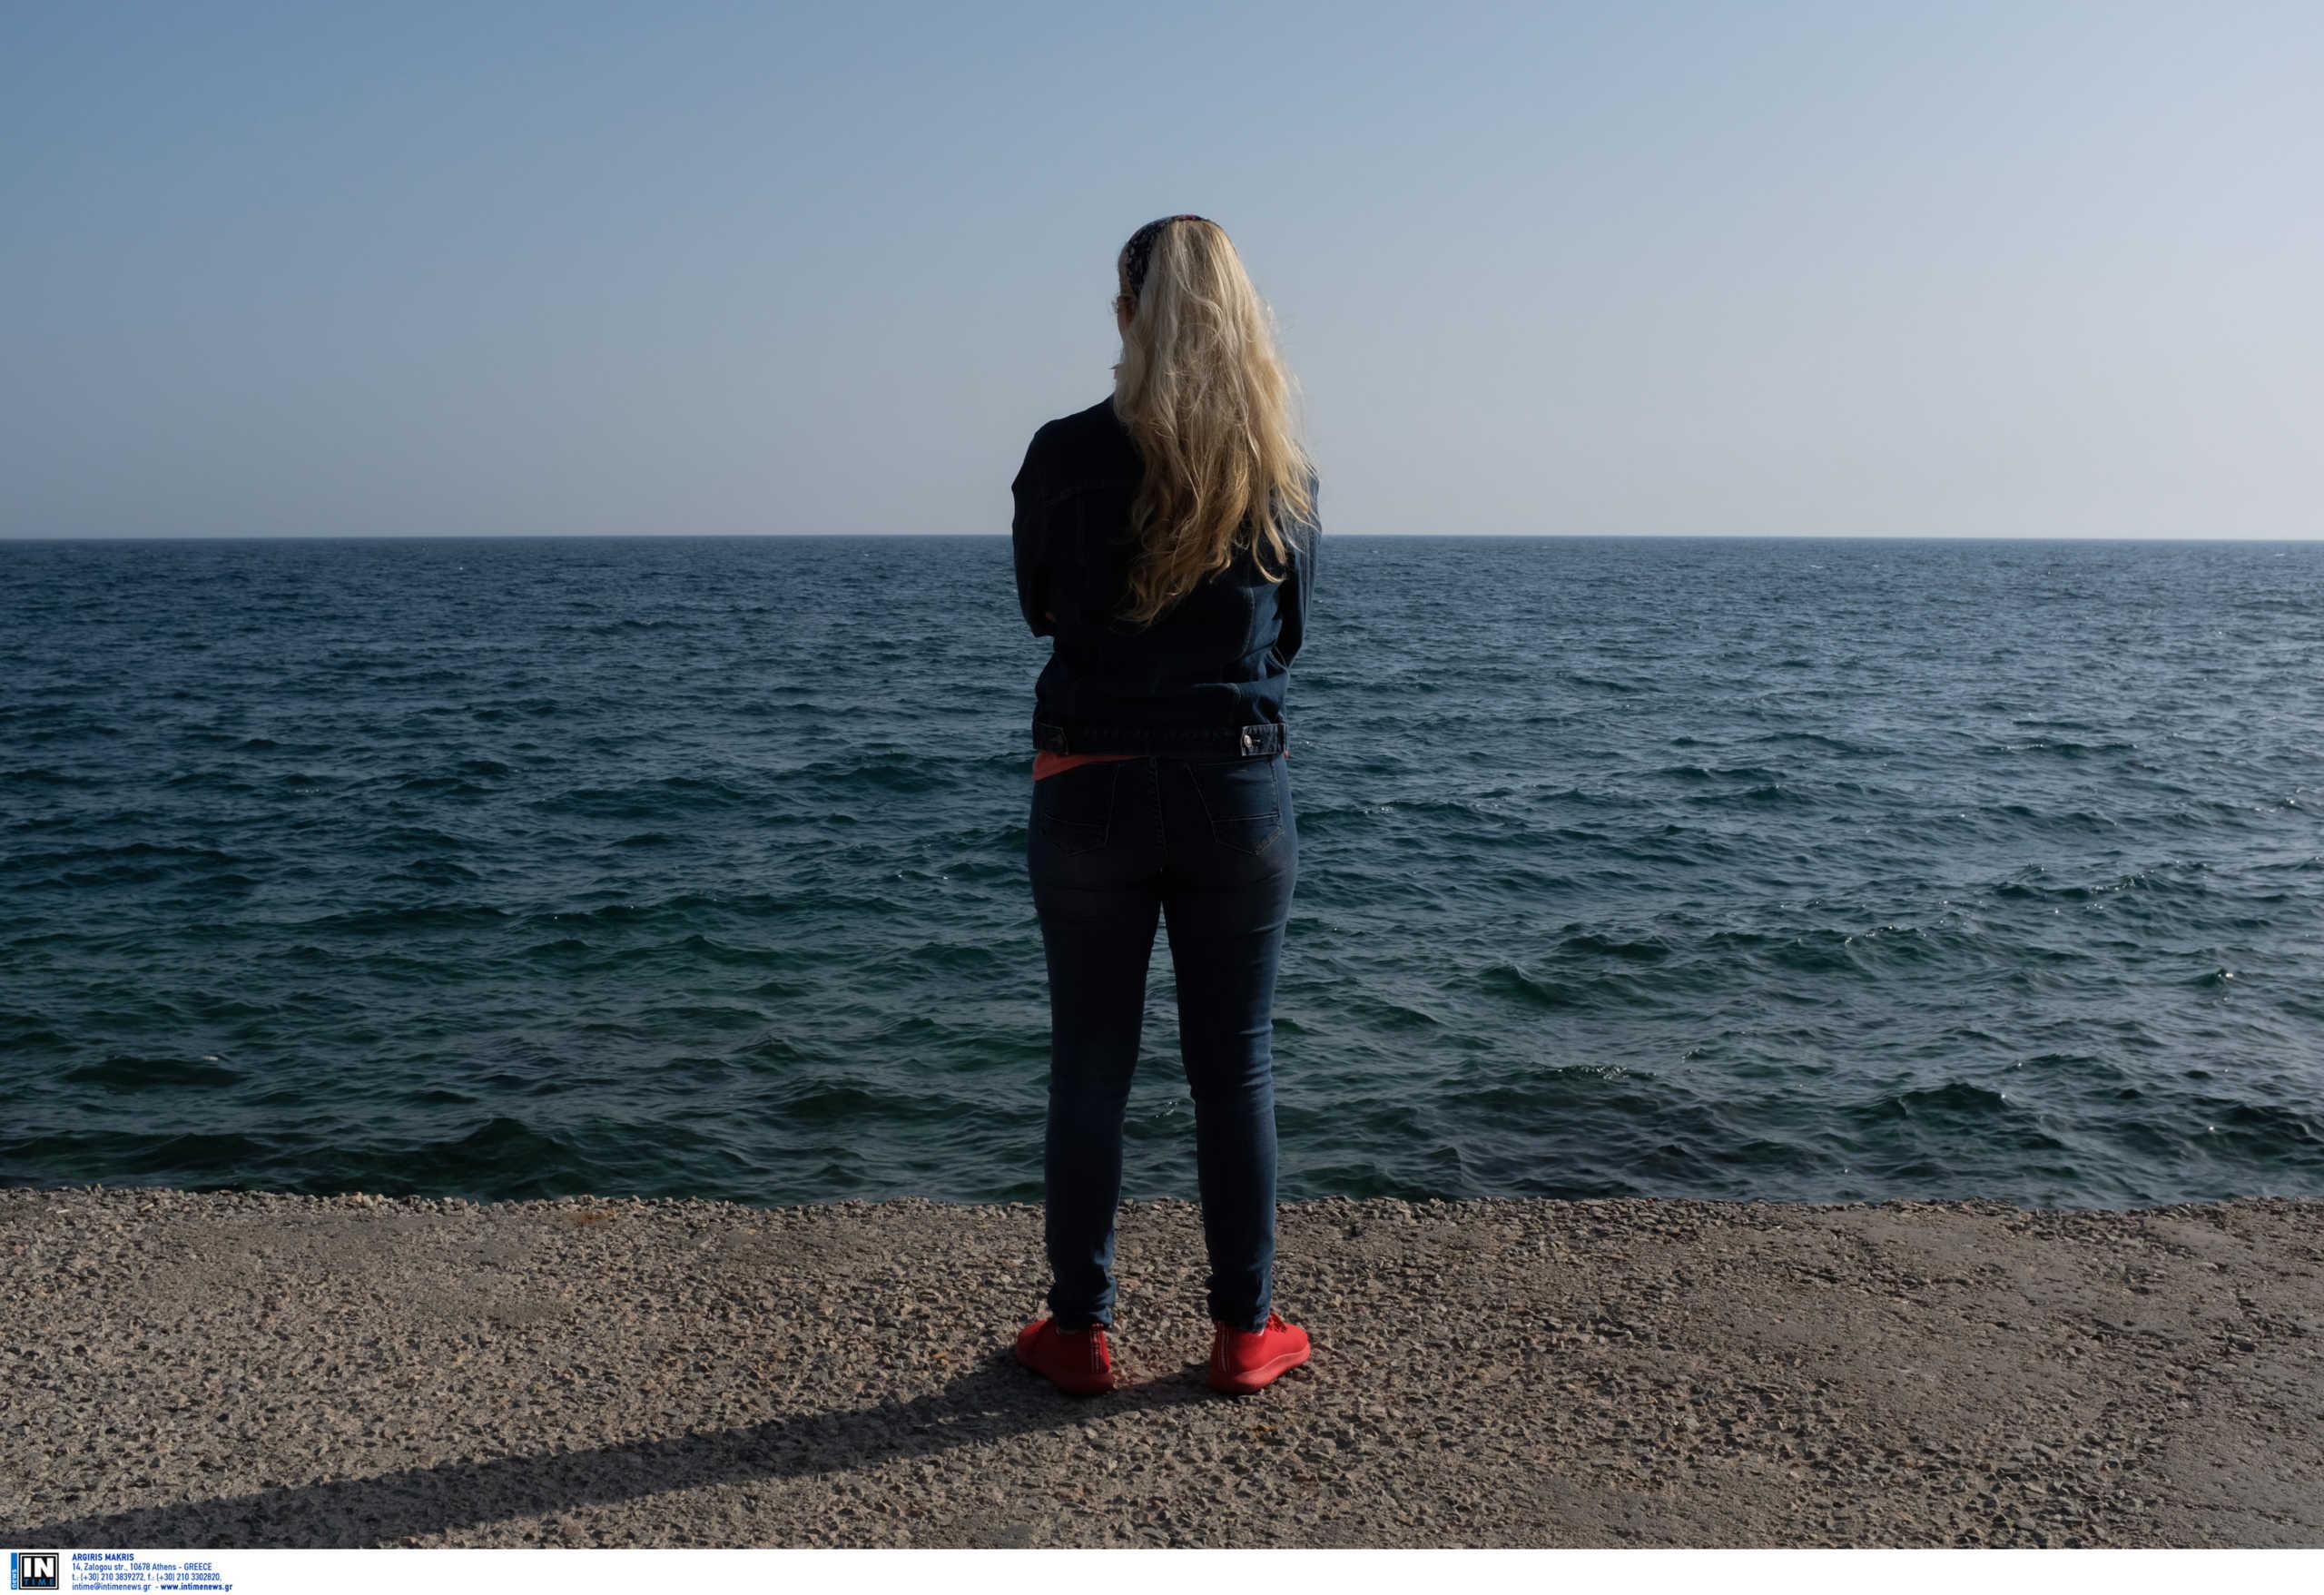 Βόλος: Την κοίταζε επίμονα αλλά δεν έμεινε εκεί! Σε κατάσταση σοκ η γυναίκα από τον εφιάλτη που έζησε